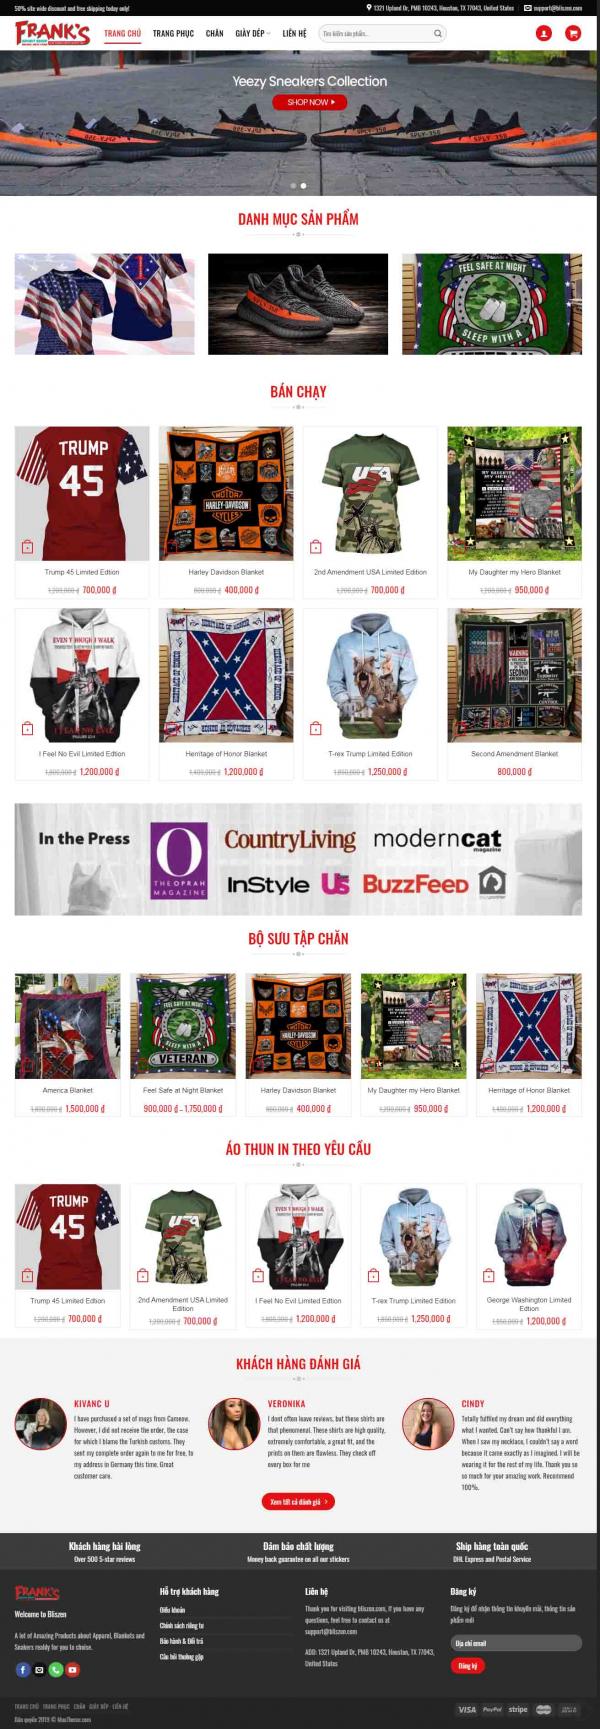 Mẫu giao diện thiết kế website bán hàng quần áo thể thao